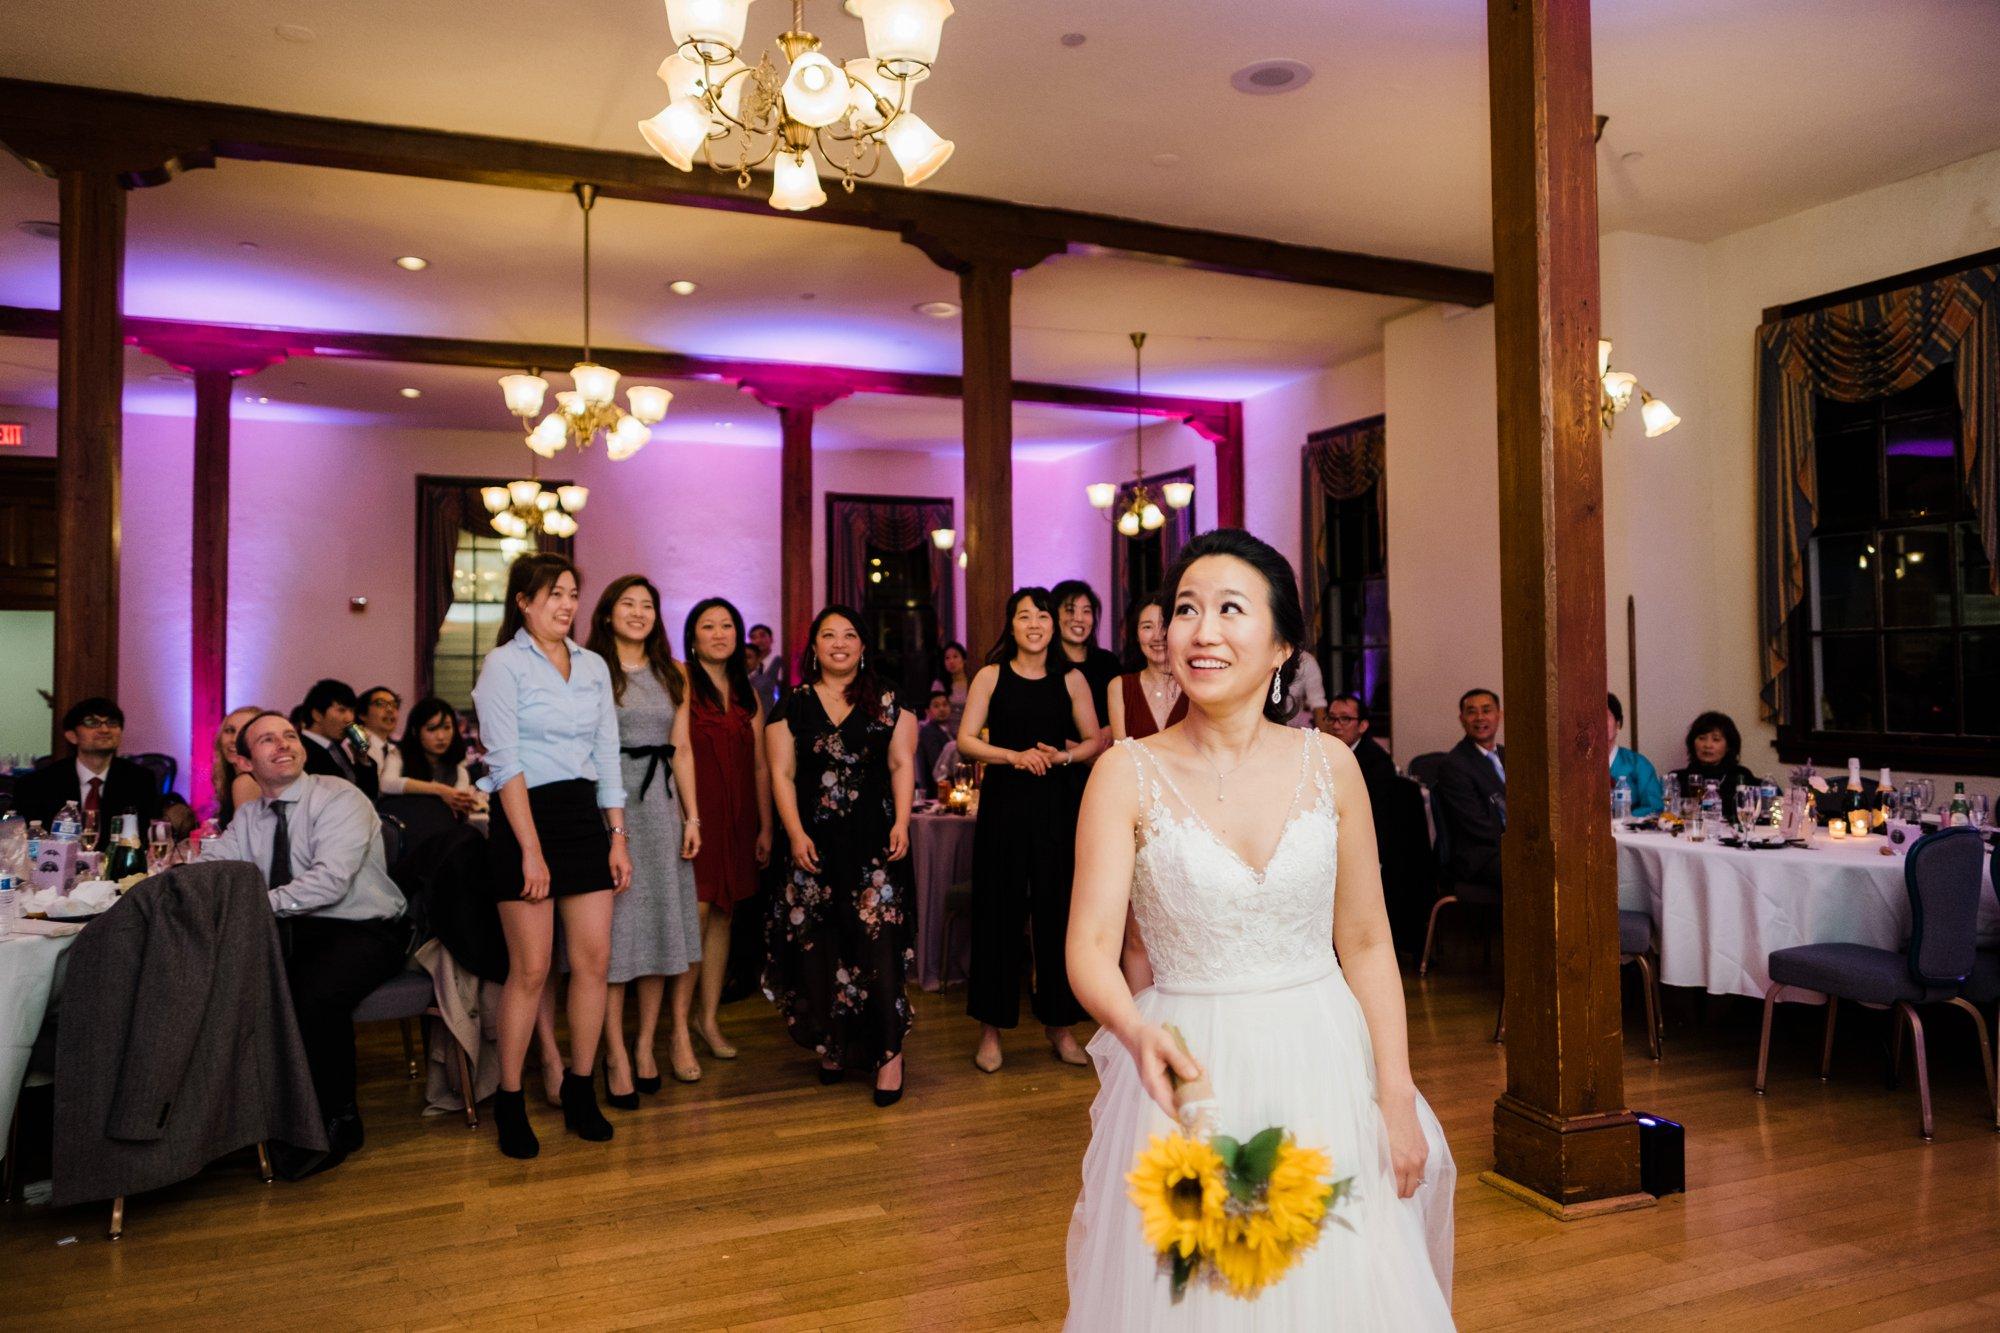 fairfax-dc-wedding-old-city-hall_0170.jpg